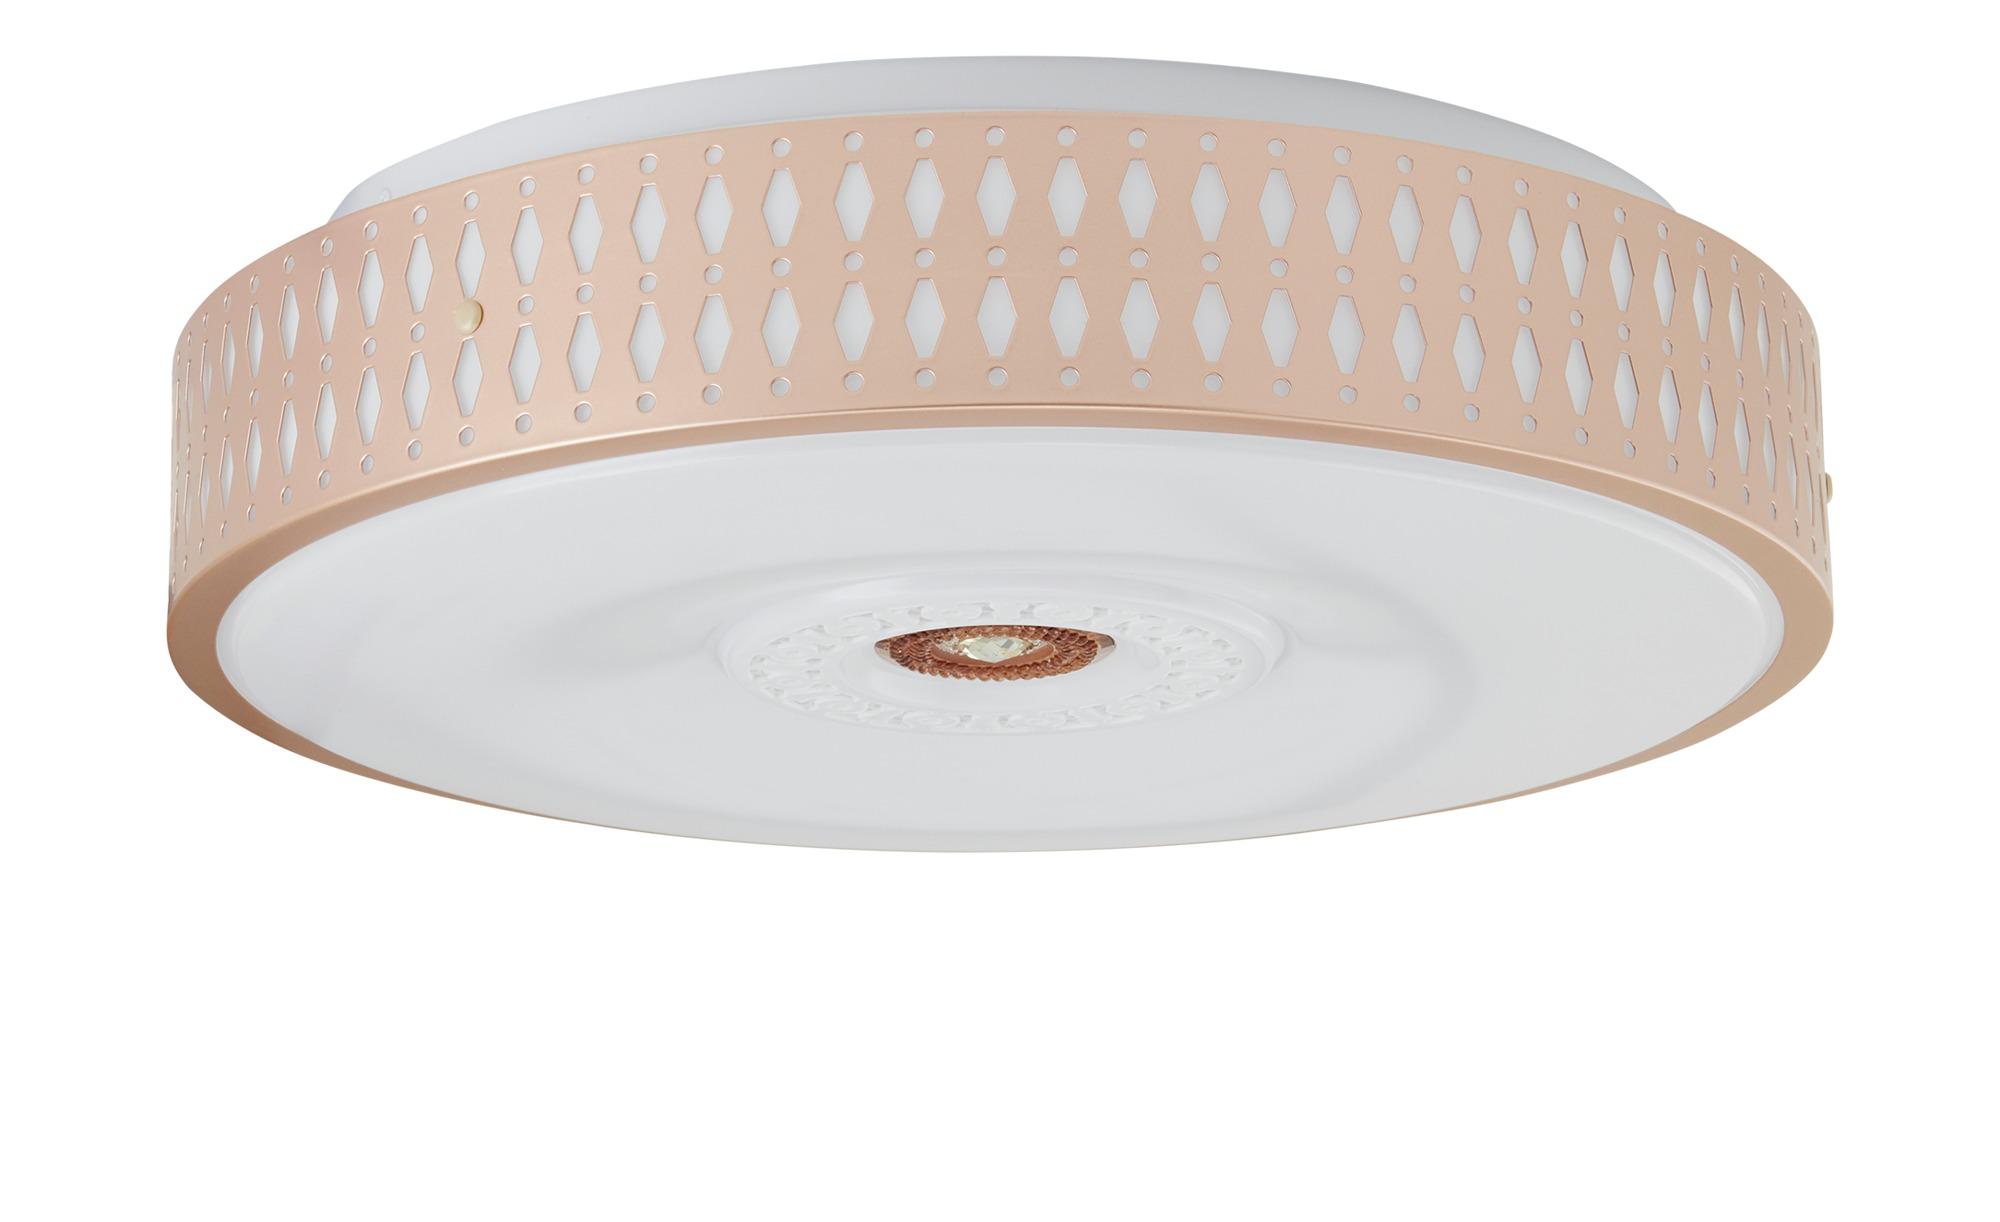 Fischer-Honsel LED-Deckenleuchte gold/ weiß ¦ goldØ: 40 Lampen & Leuchten > Innenleuchten > Deckenleuchten - Höffner